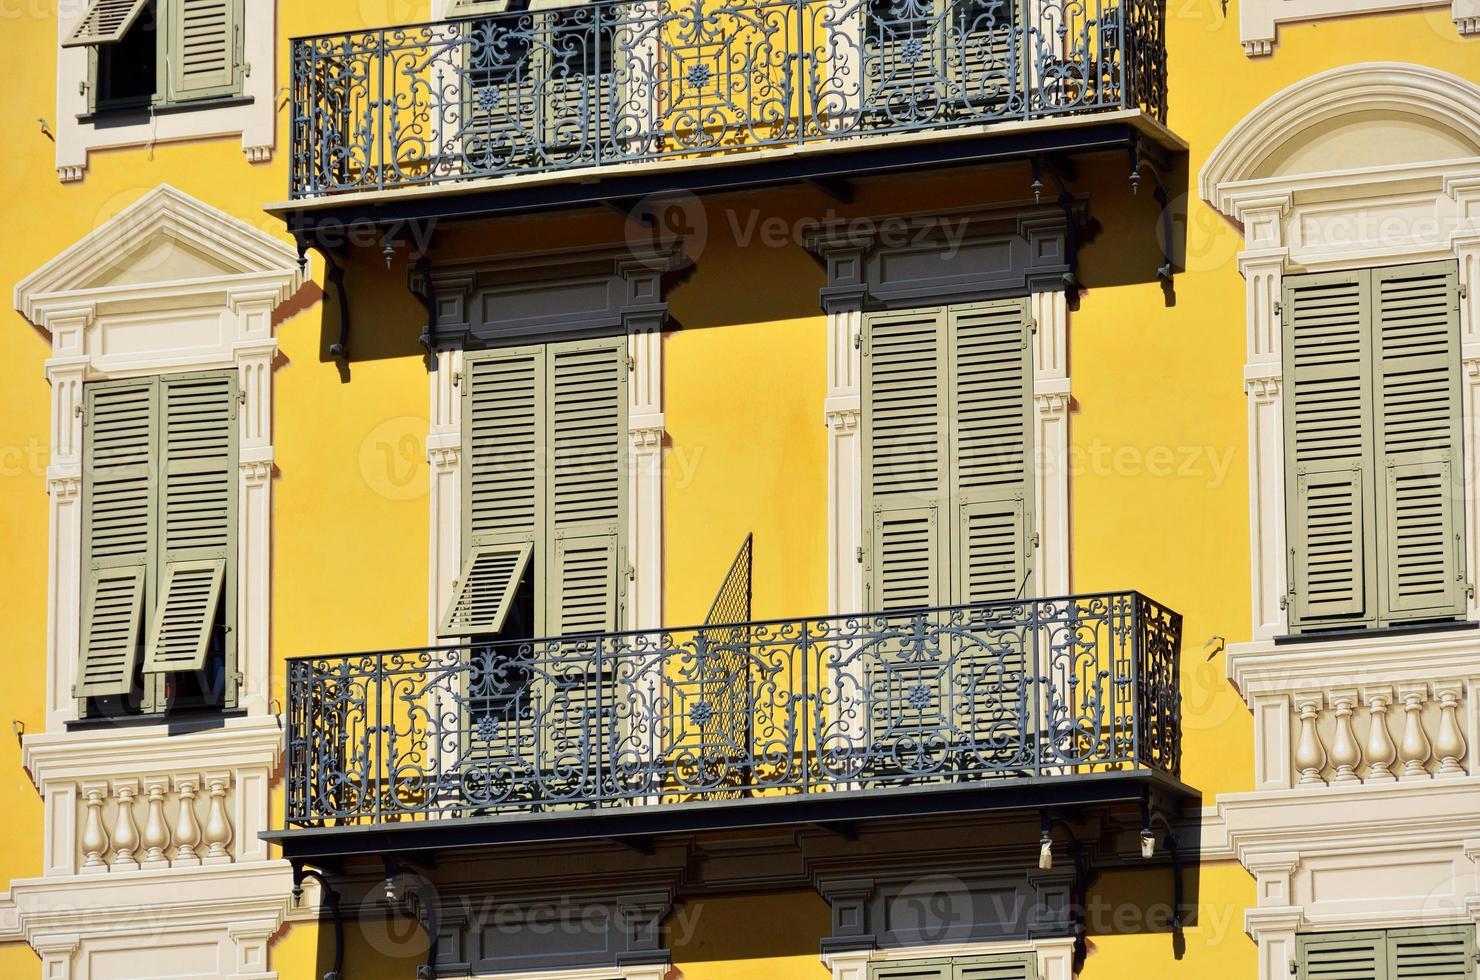 Windows and balconies, Nice photo